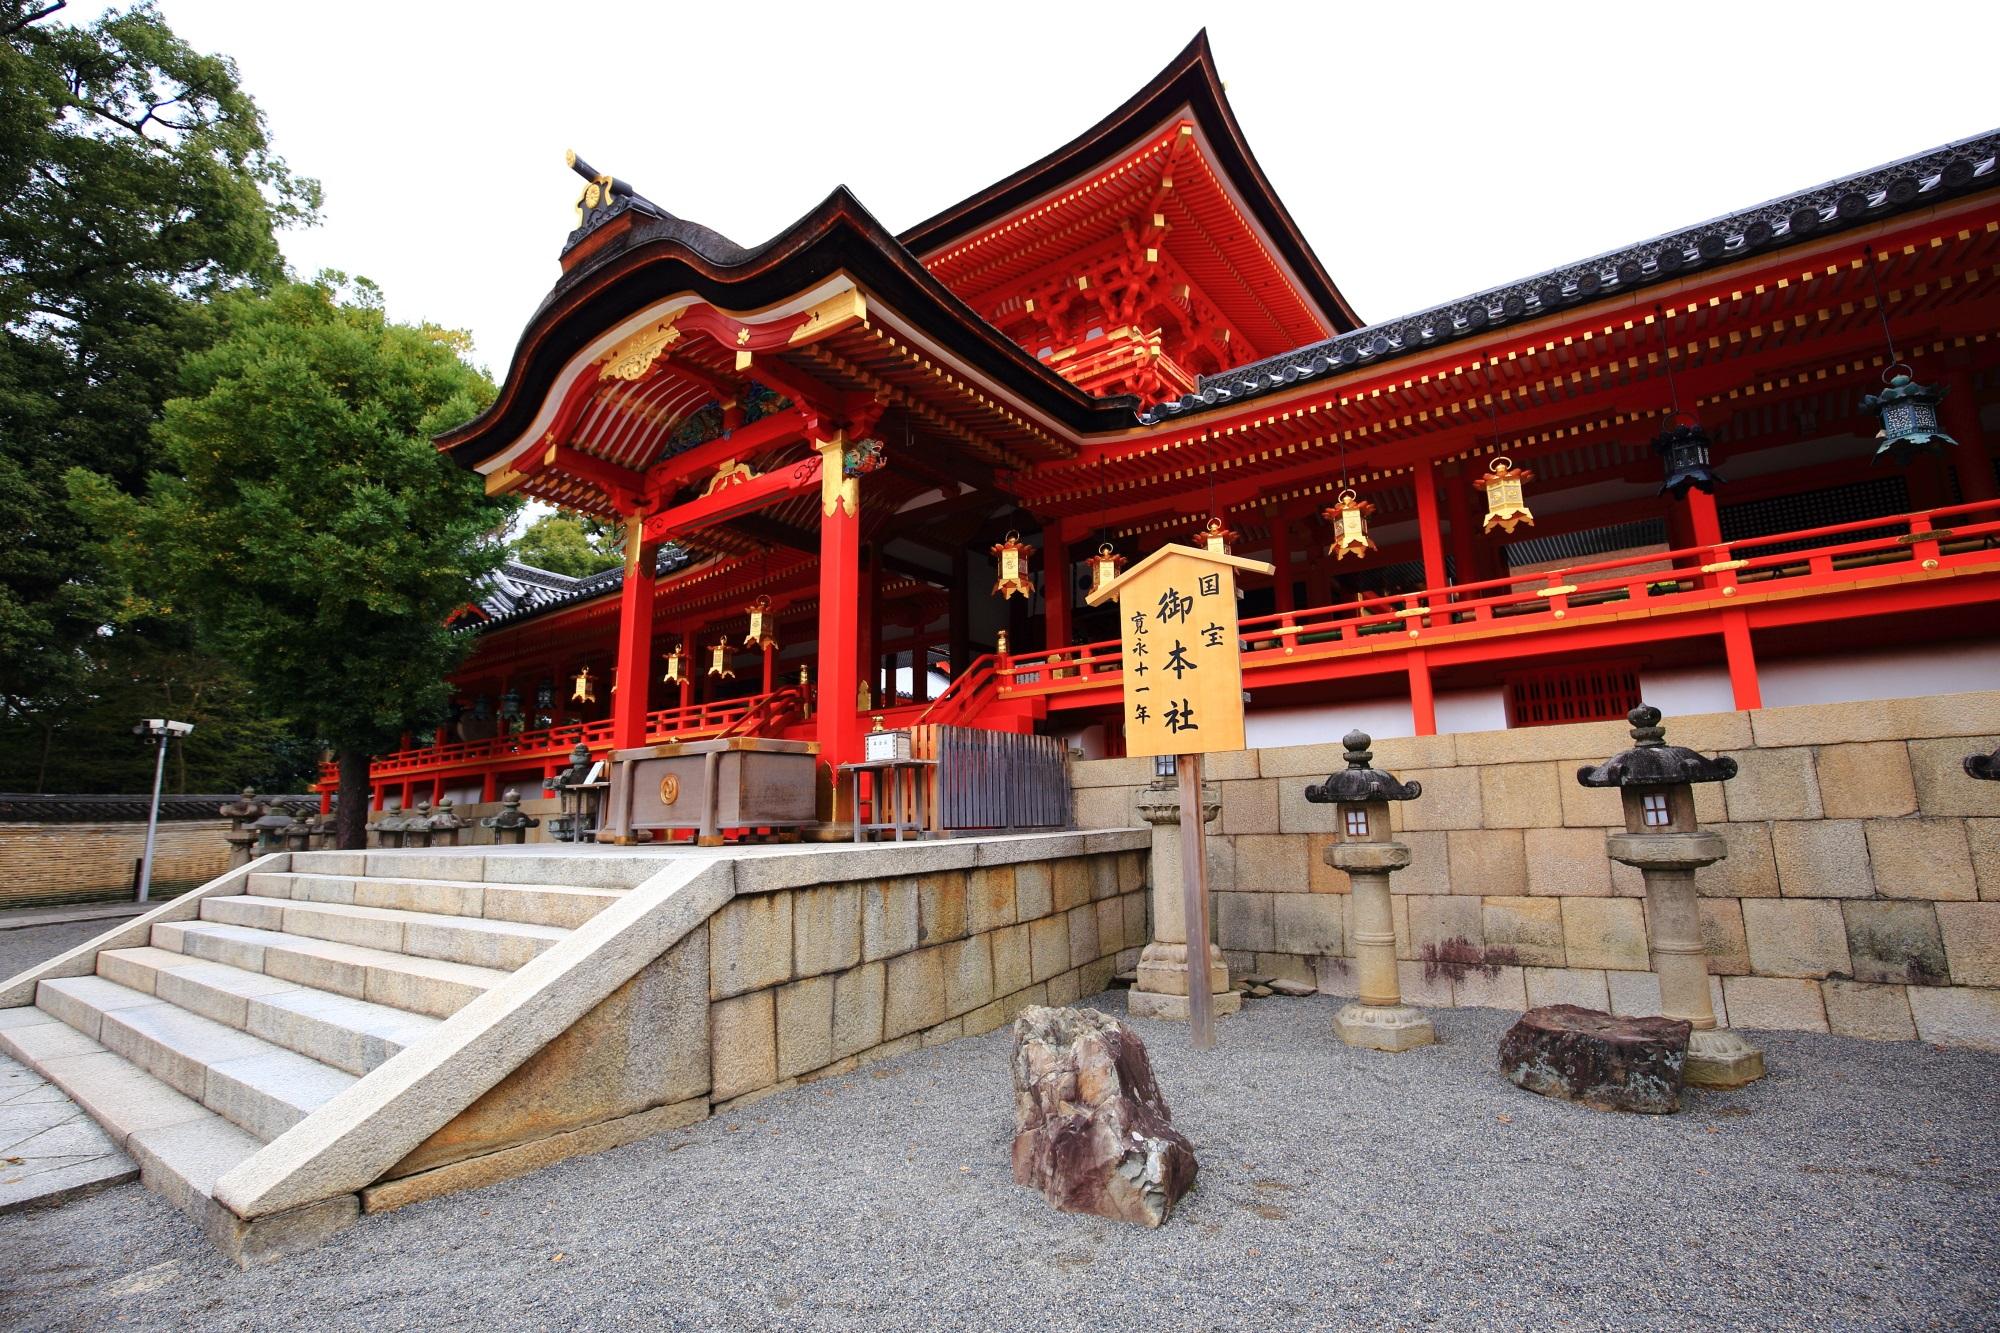 雅で上品な雰囲気が漂う石清水八幡宮の本殿